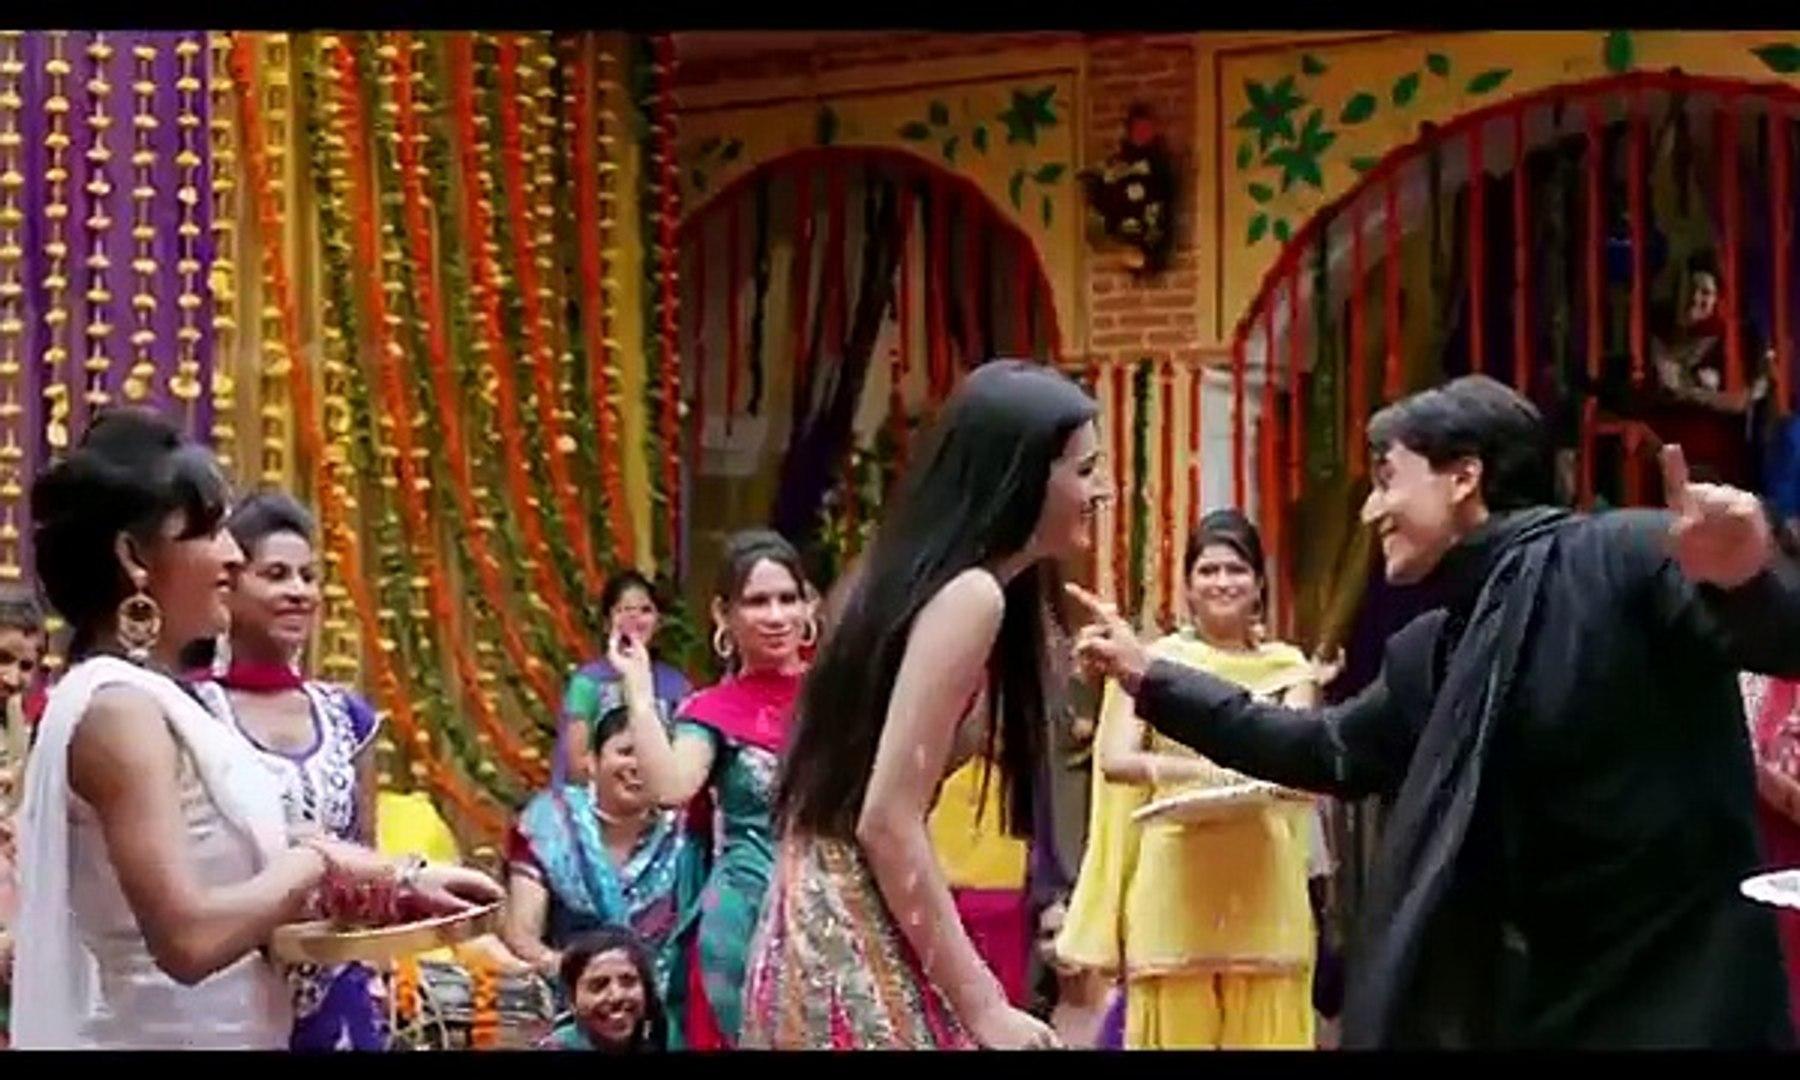 Tiger Shroff  - Ram Lakhan Remake!! No Way | New Bollywood Movies News 2014